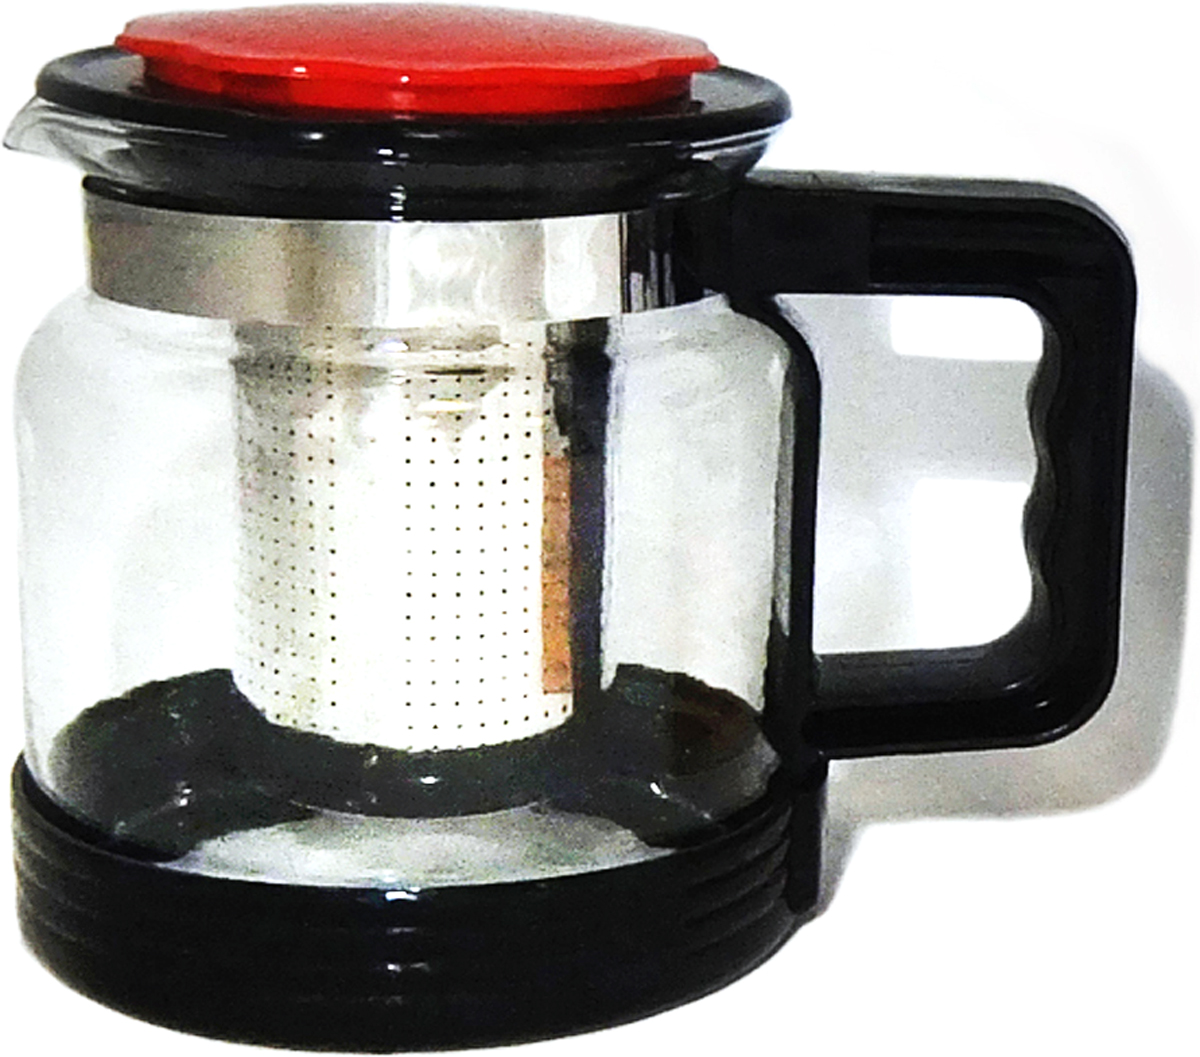 Чайник стеклянный МФК-профит, цвет: черный, красный, 750 мл01-8160Чайник стеклянный 750 млСтекло, пластик, нержавеющая стальЧайник стеклянный 750 мл ЧЕРНЫЙ-КР в под.уп.